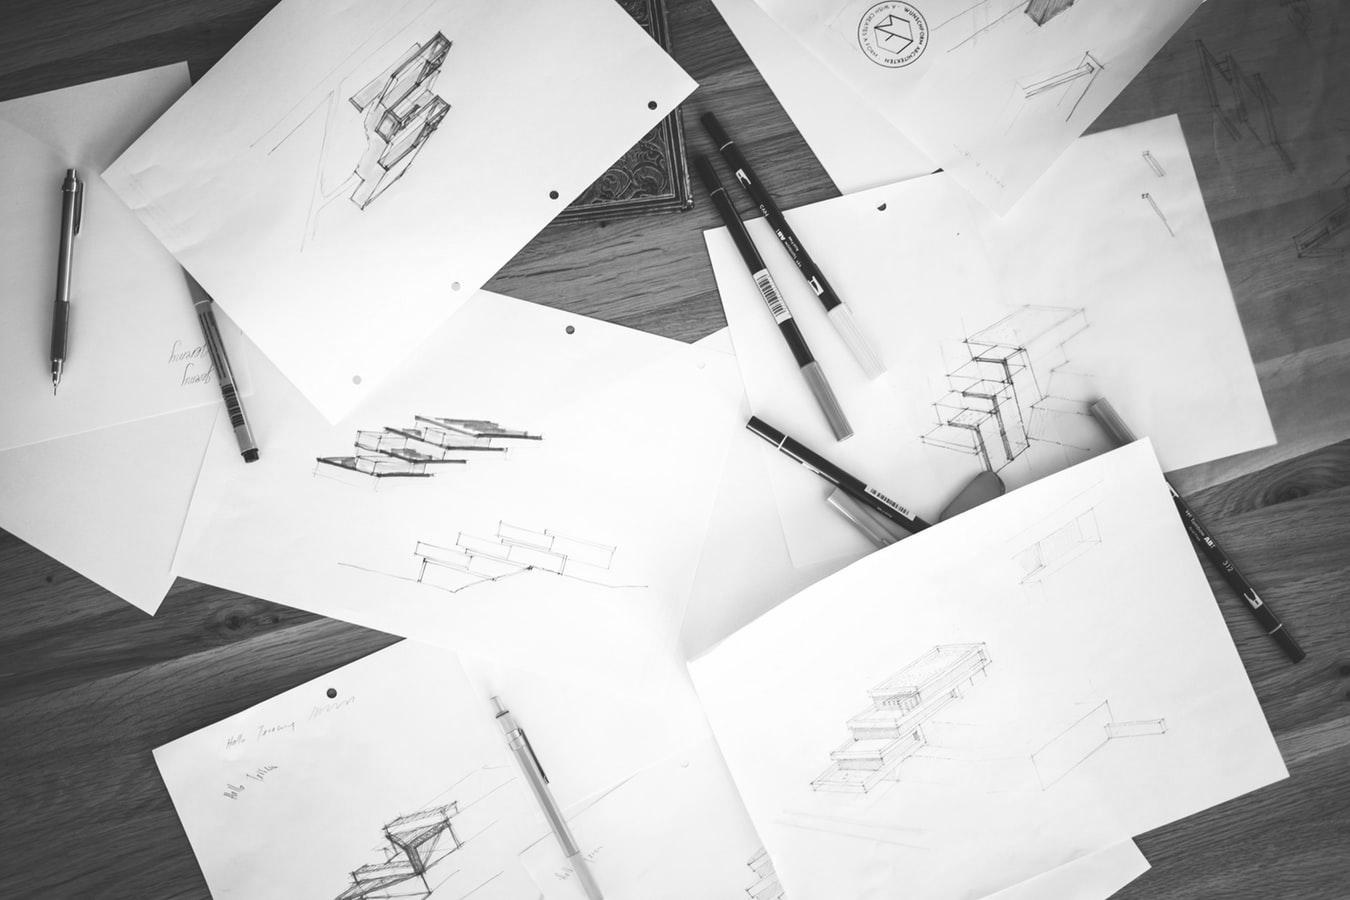 Architektur Portfolio Worauf es ankommt   New Monday Jobs